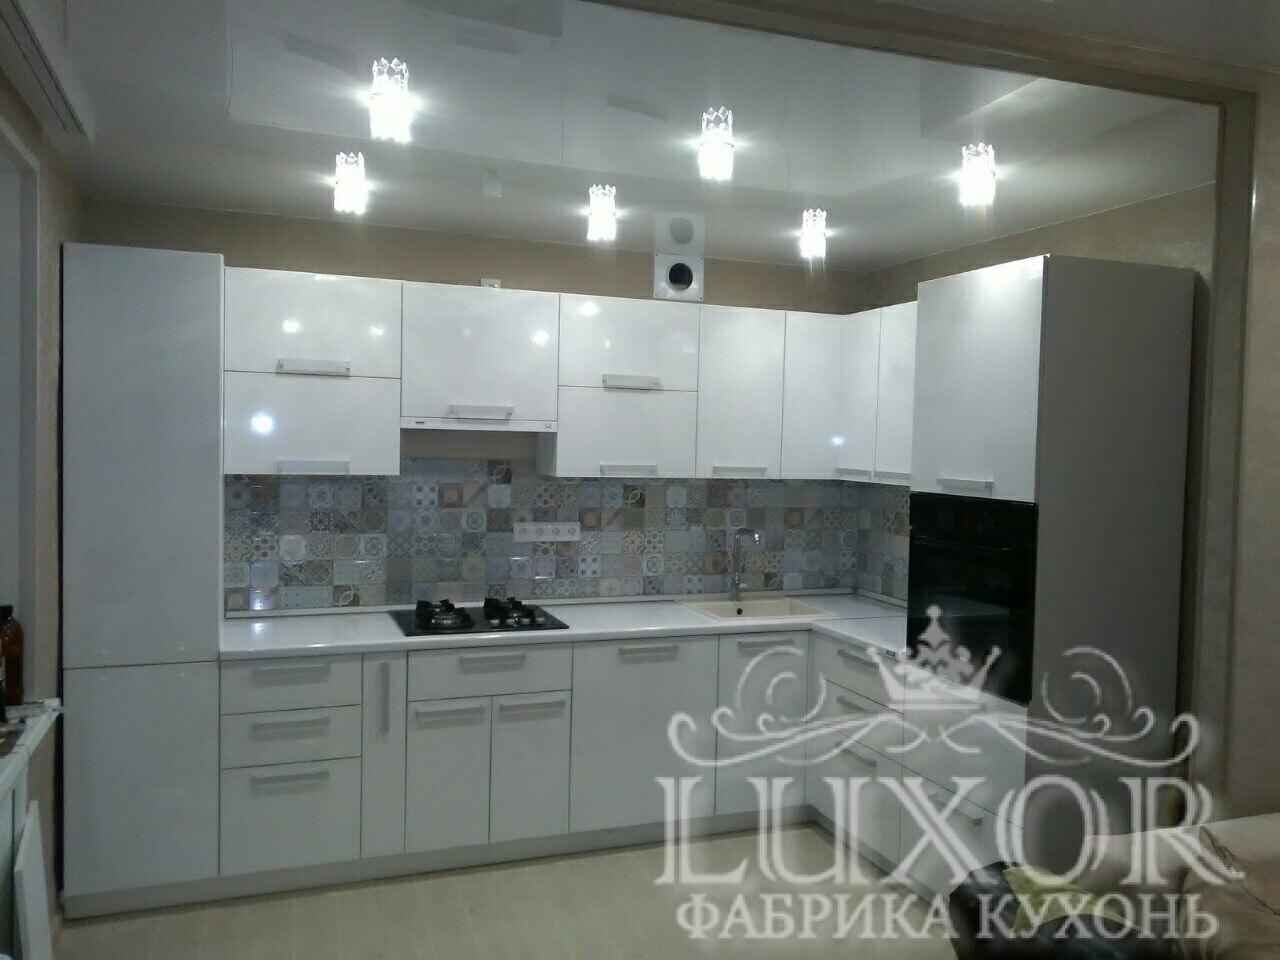 Кухня Паскаль - изображение